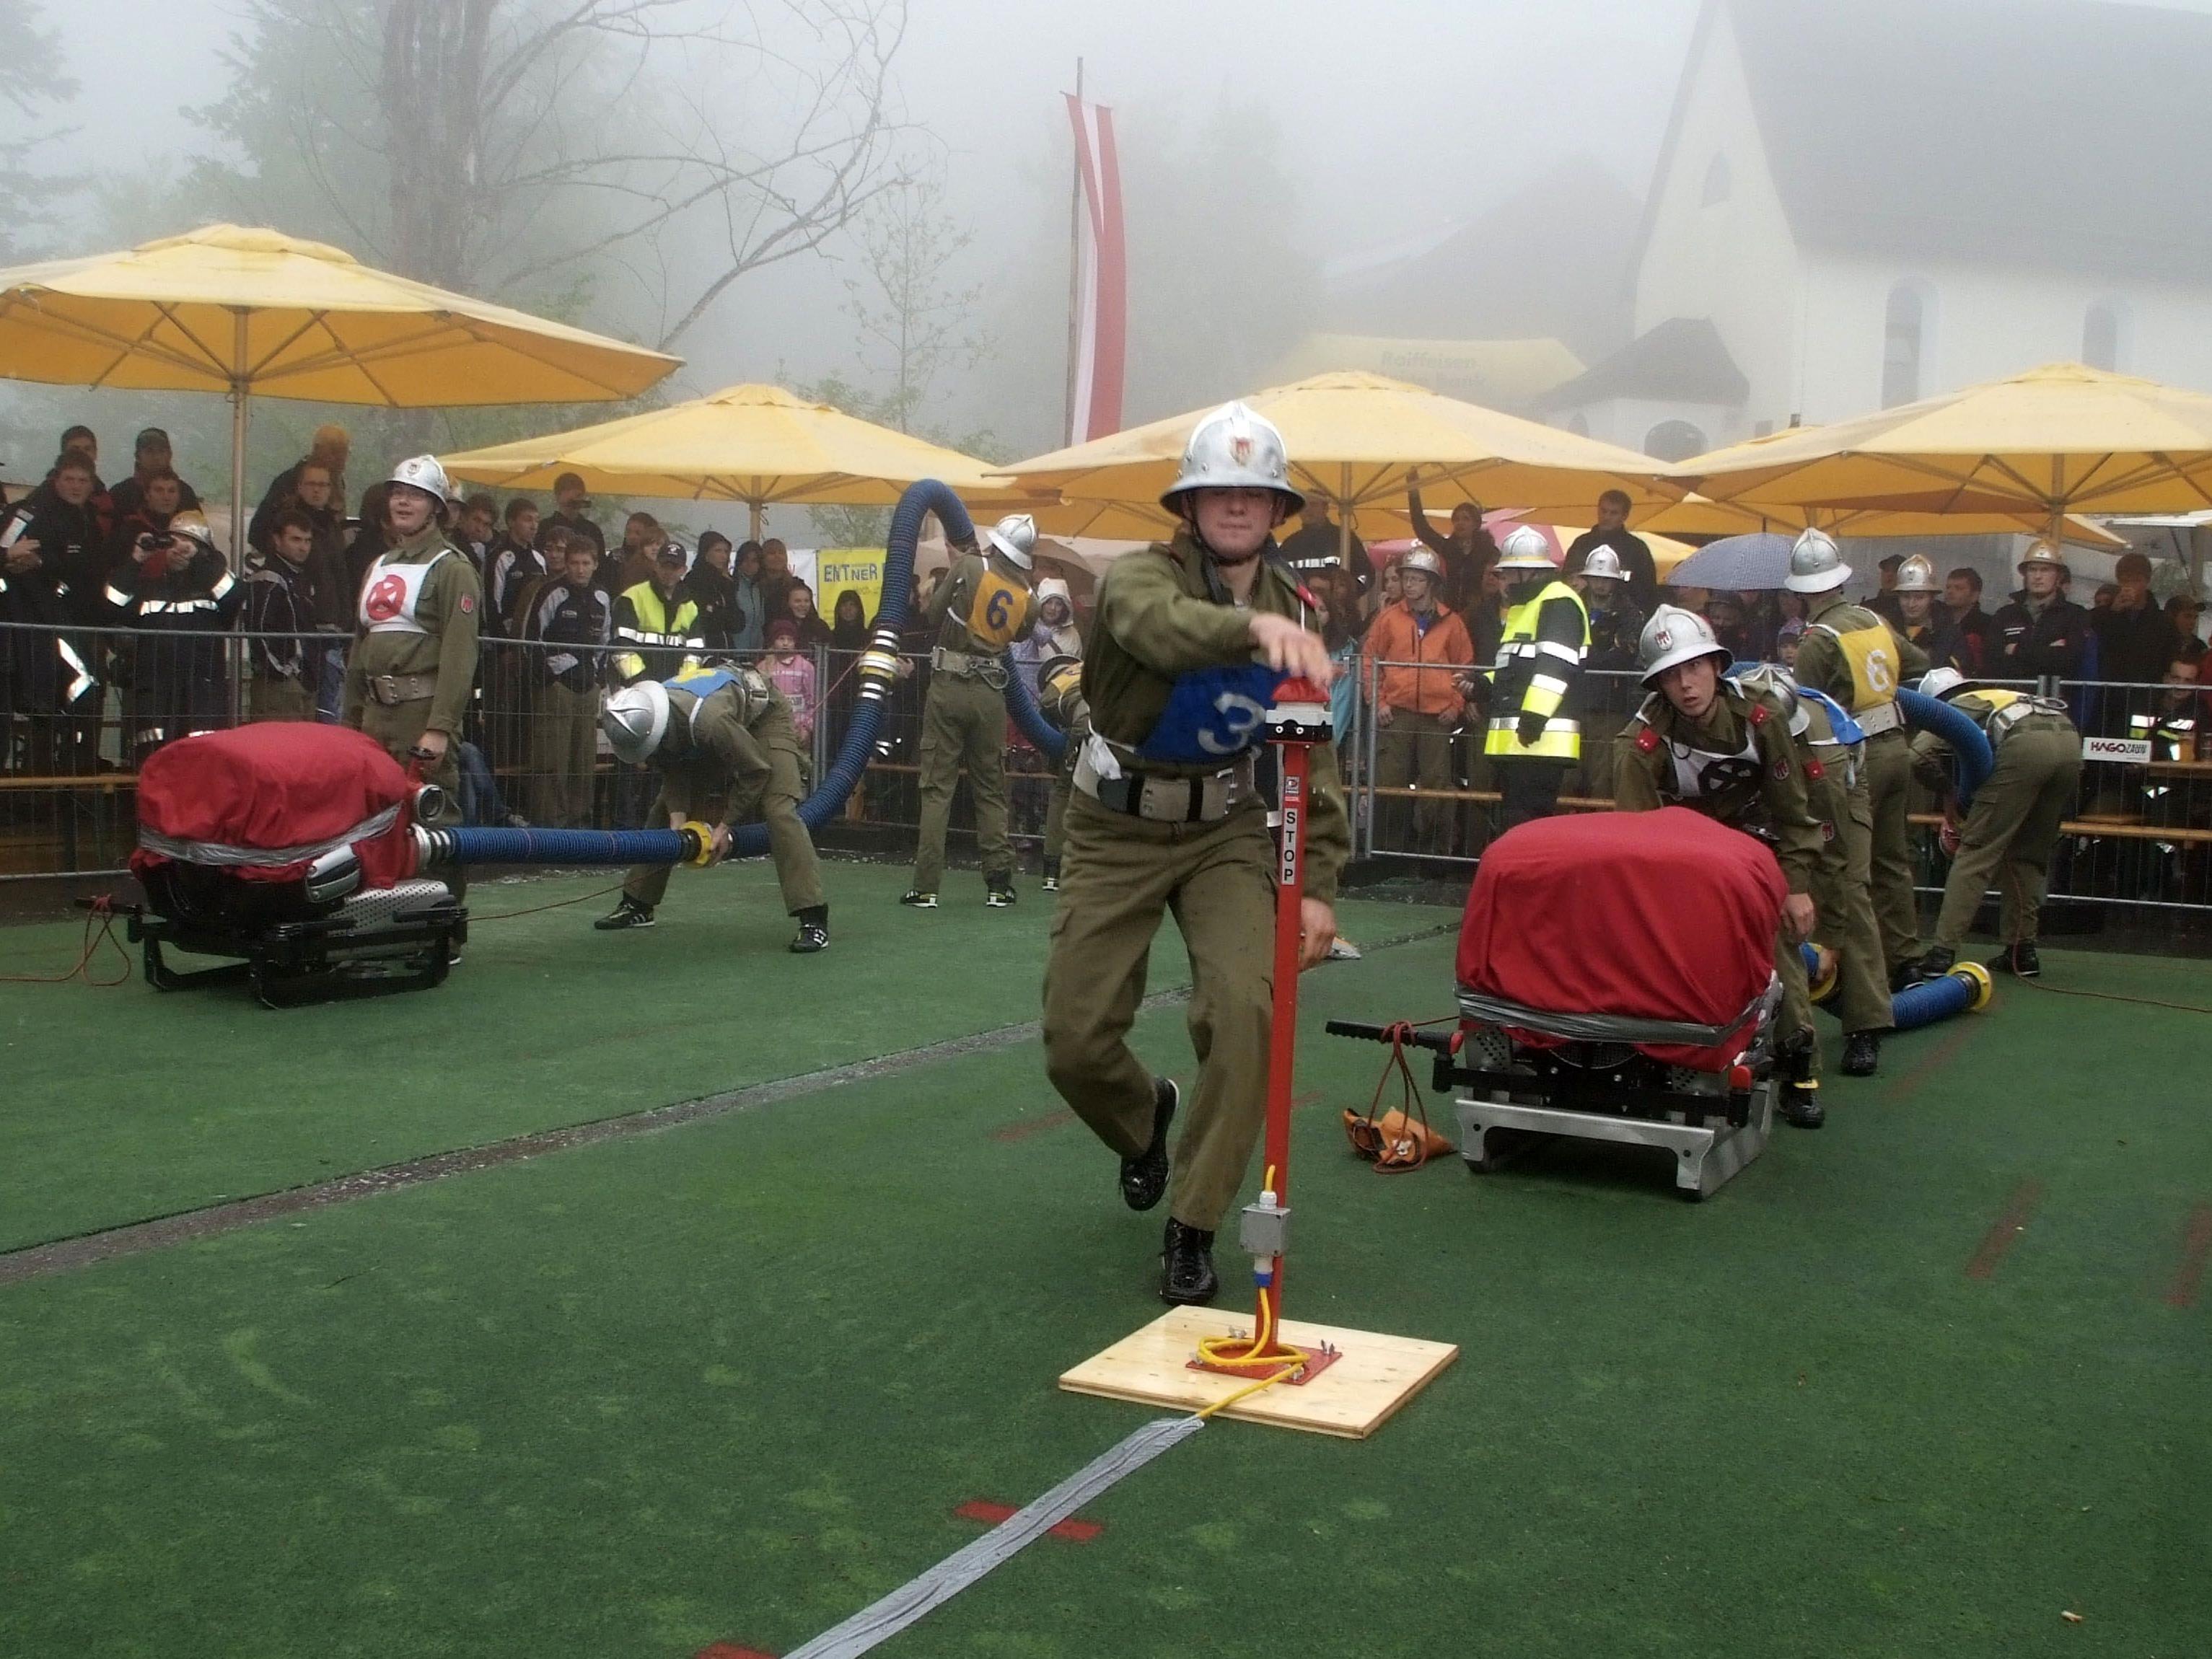 Trotz widriger äußerer Bedingungen zeigten die Wettkampfgruppen absolut Spitzenleistungen.